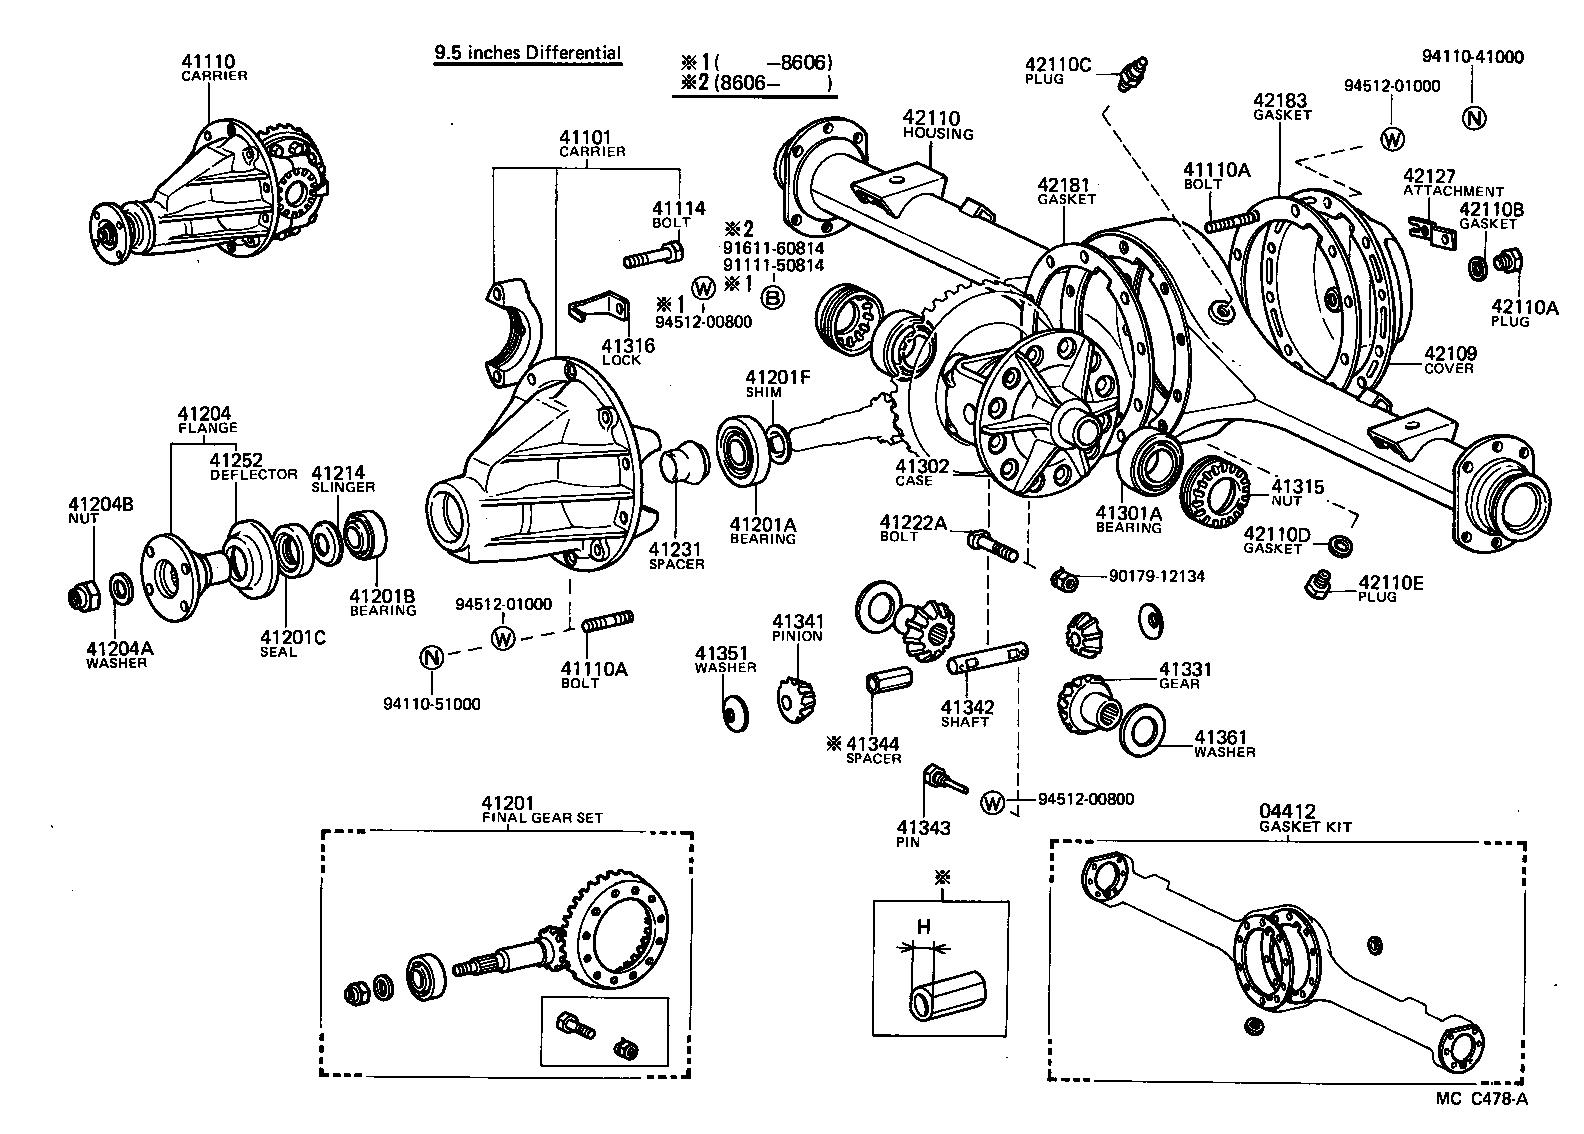 toyota dyna 150yy60r-mdb - powertrain-chassis